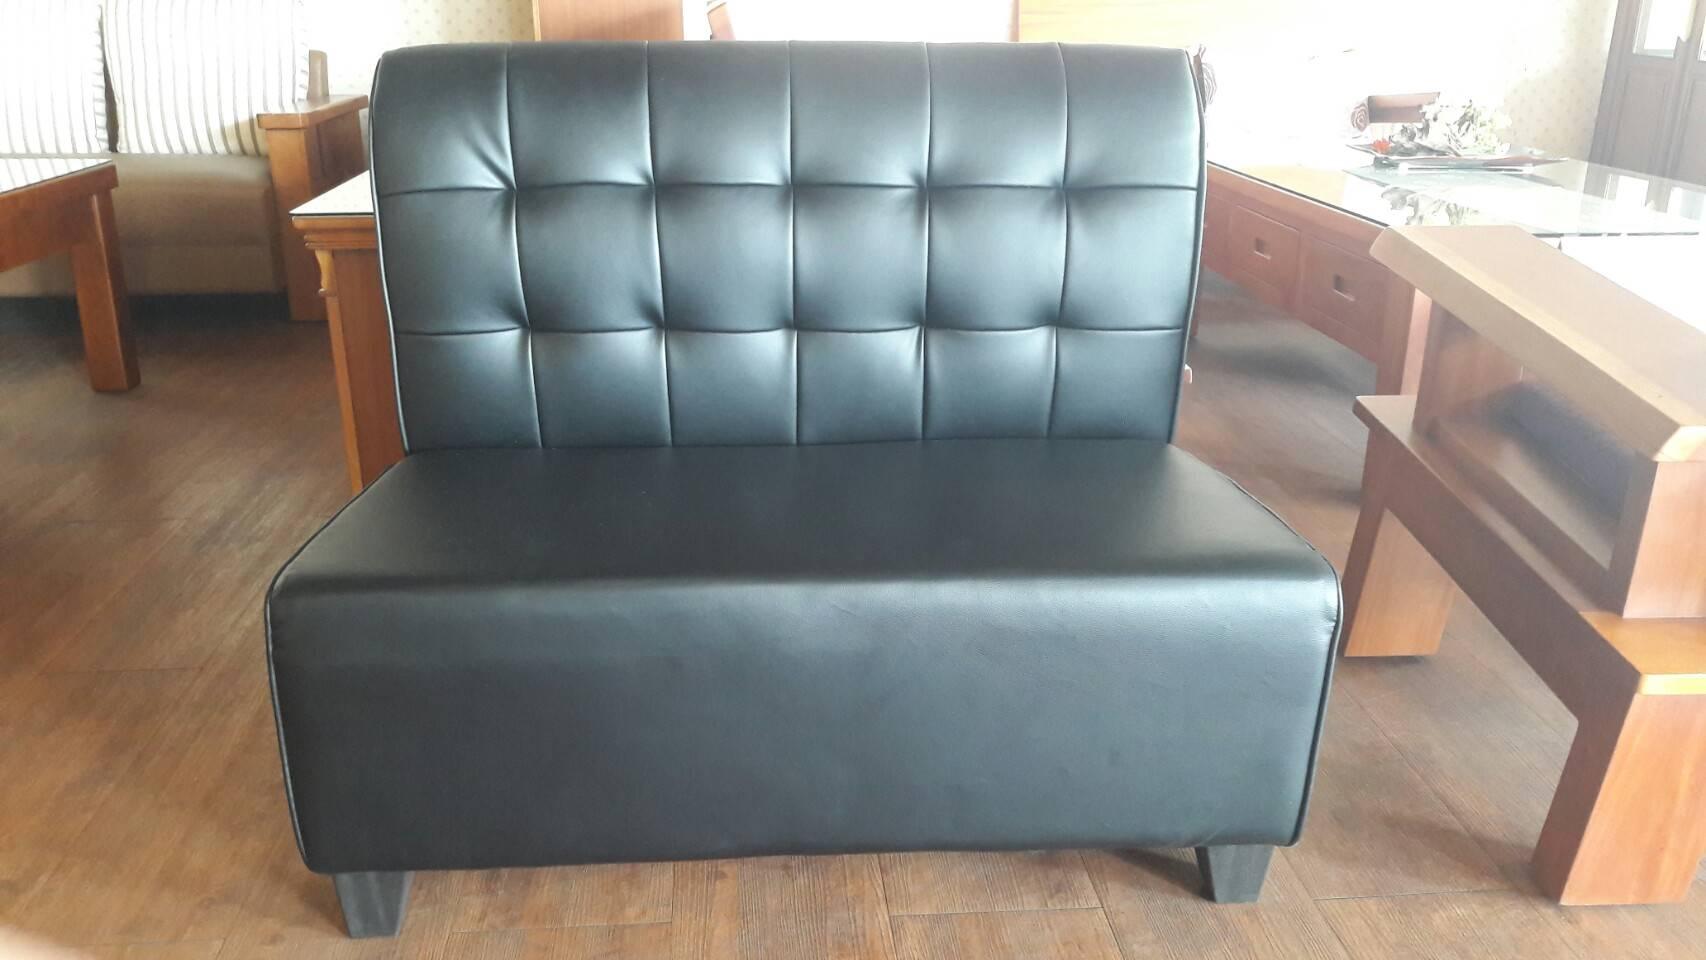 【尚品傢俱】881-26 黑捷克雙人無扶手沙發/家庭沙發/客廳沙發/會客沙發